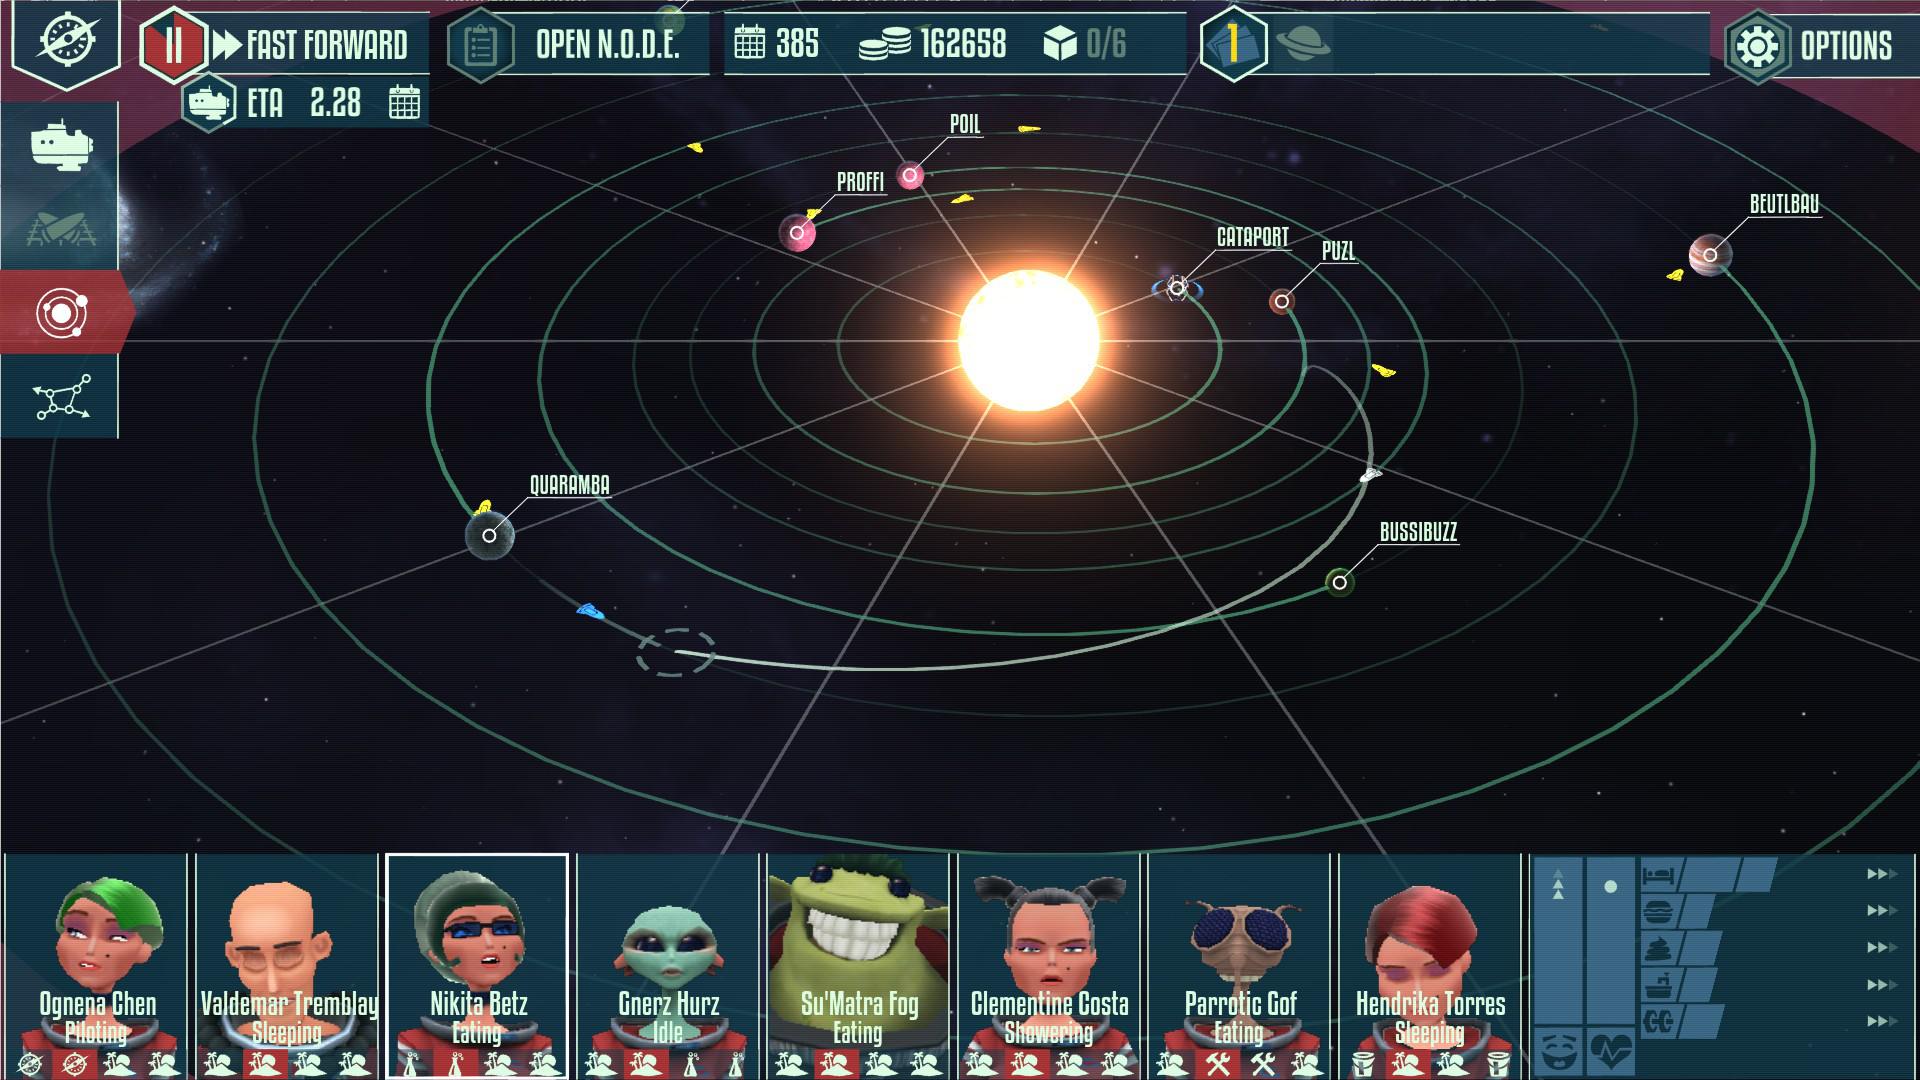 星系画面。惑星の公転速度で宇宙船の航路がきまる。出発点・到着点で航海時間は変動し、制限時間付きの仕事を単調なものにしない。